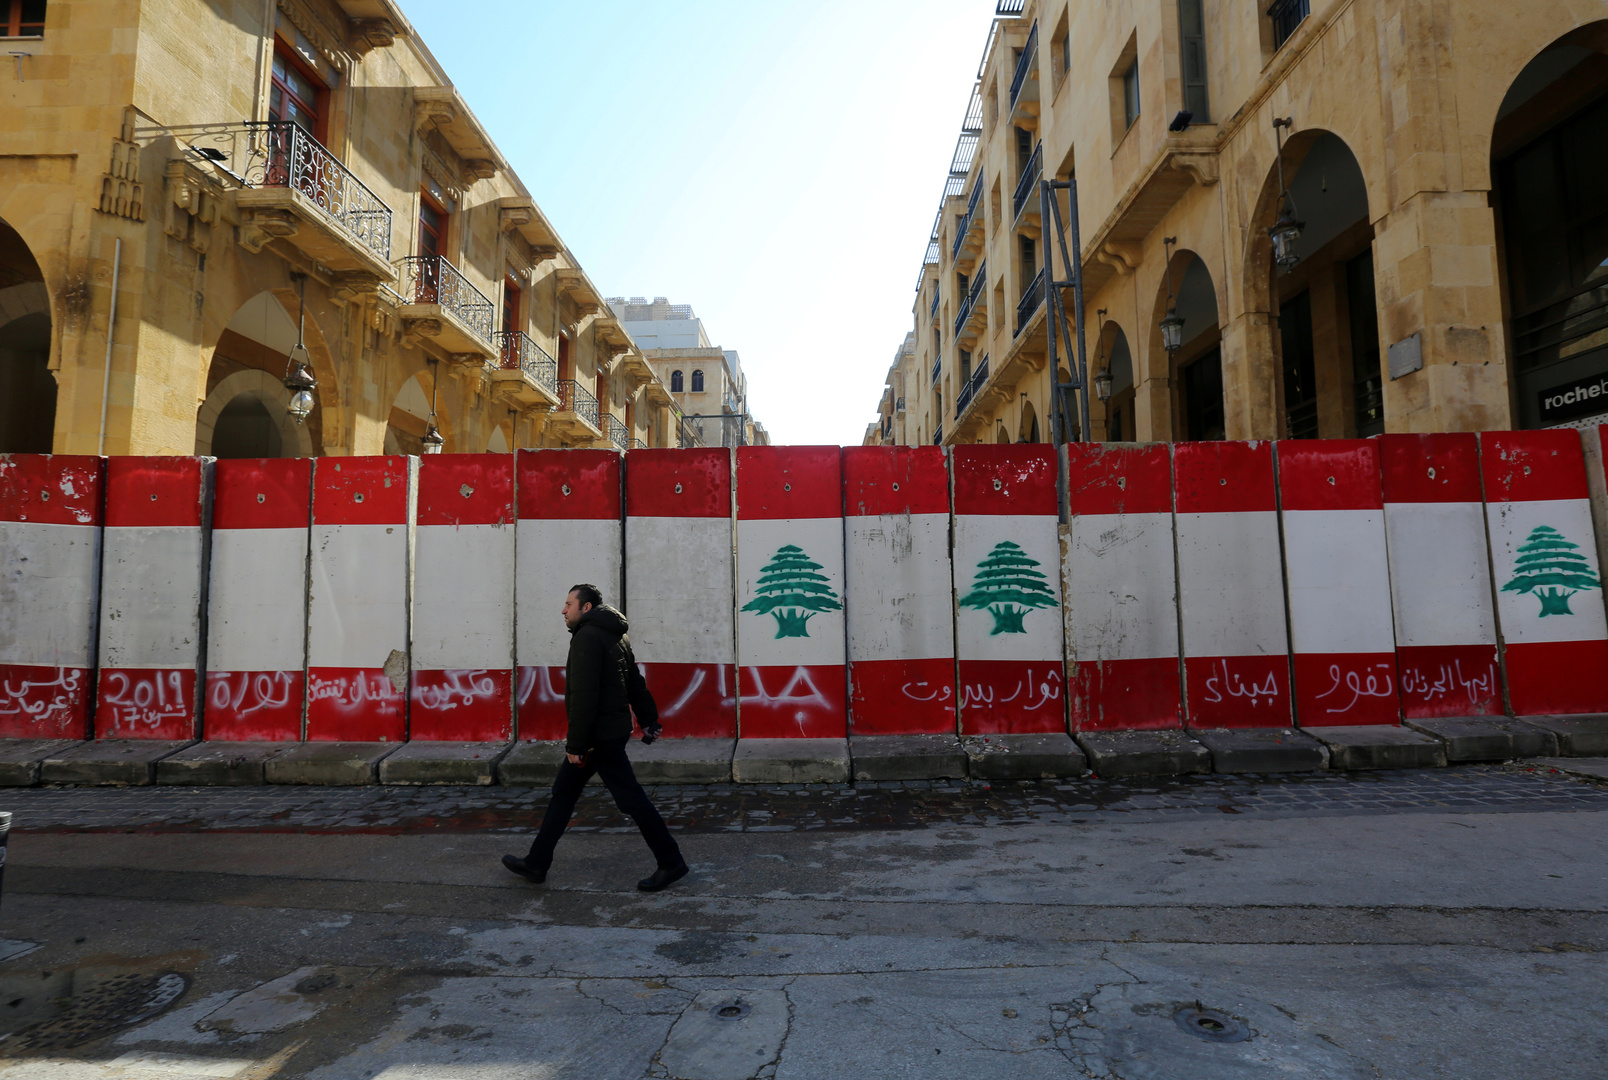 مدخل البرلمان اللبناني- بيروت